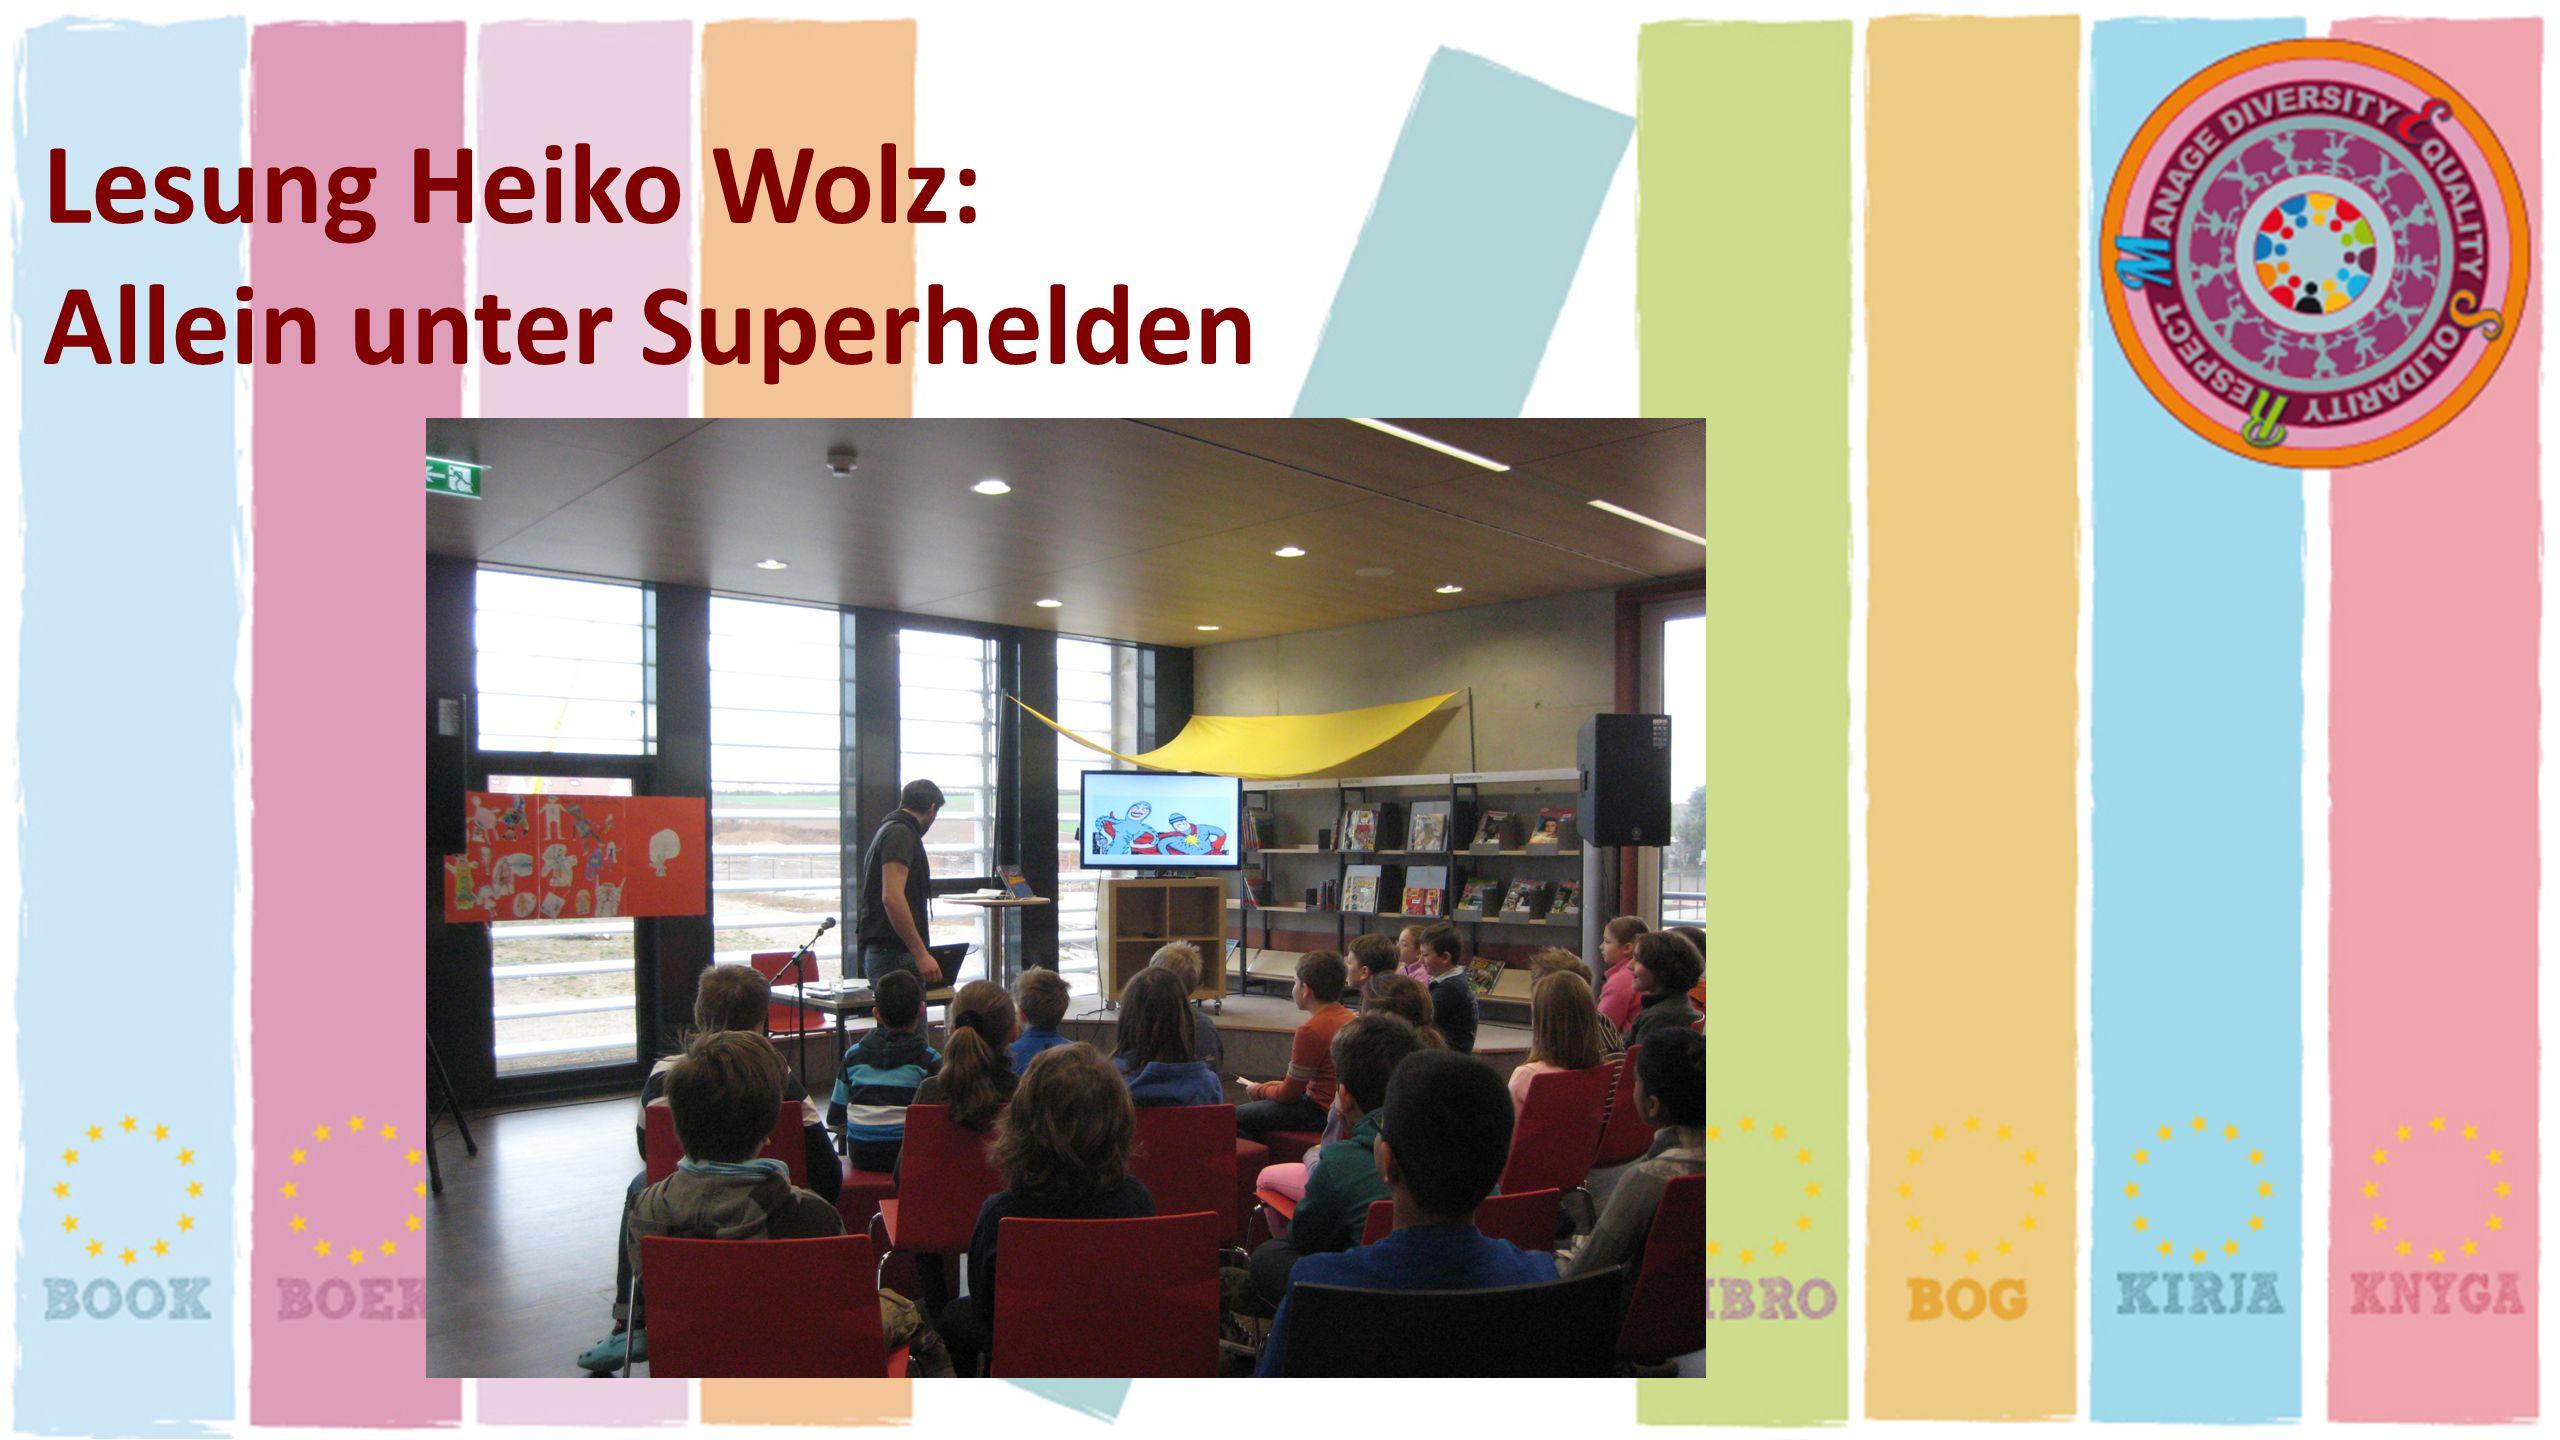 Lesung Heiko Wolz: Allein unter Superhelden